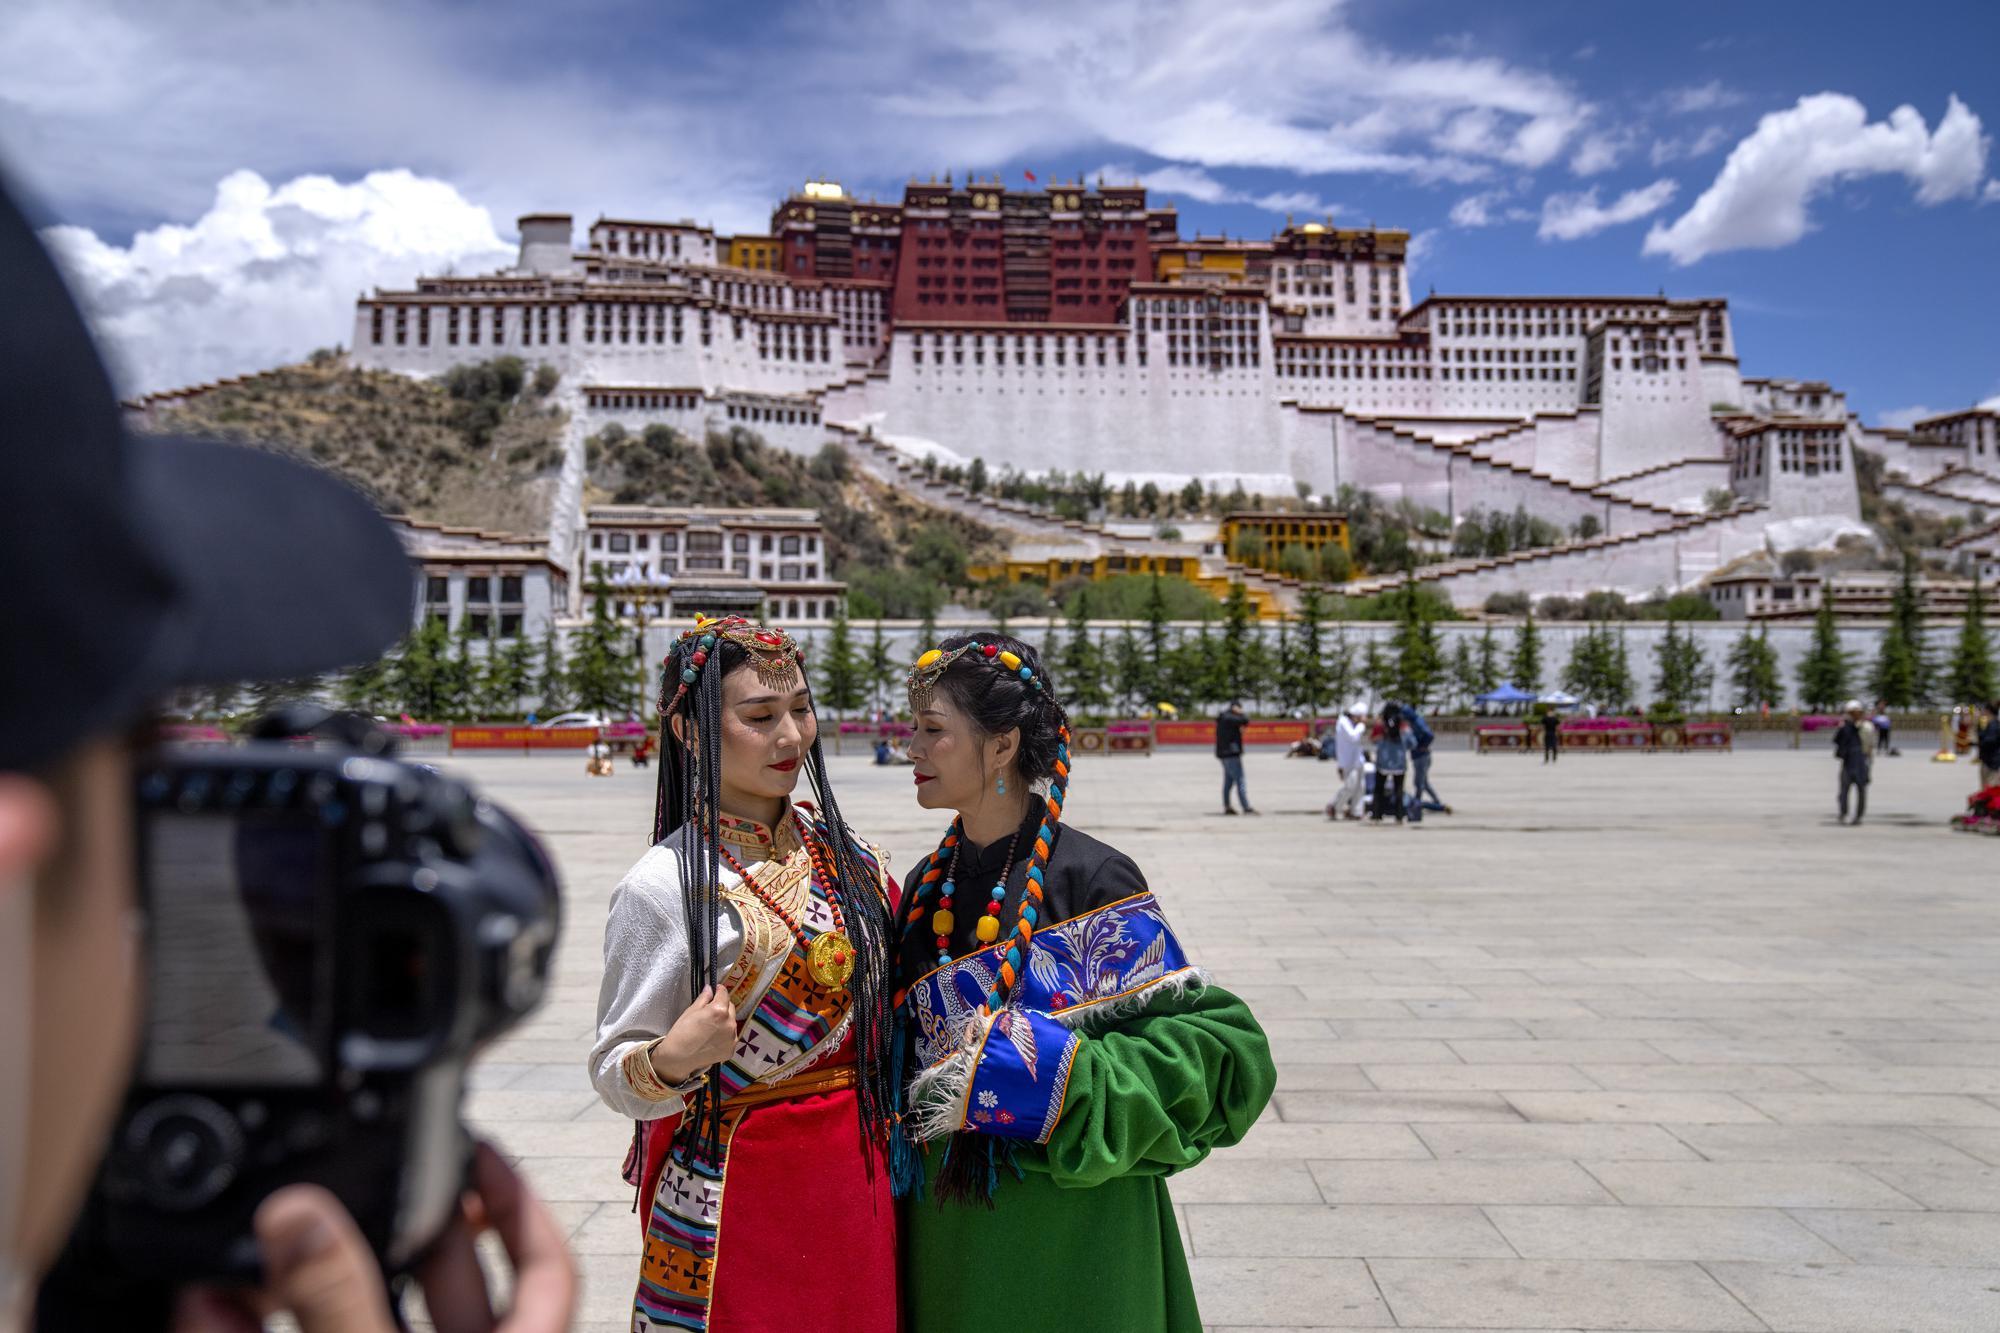 中国旅游热潮对西藏历史古迹构成威胁